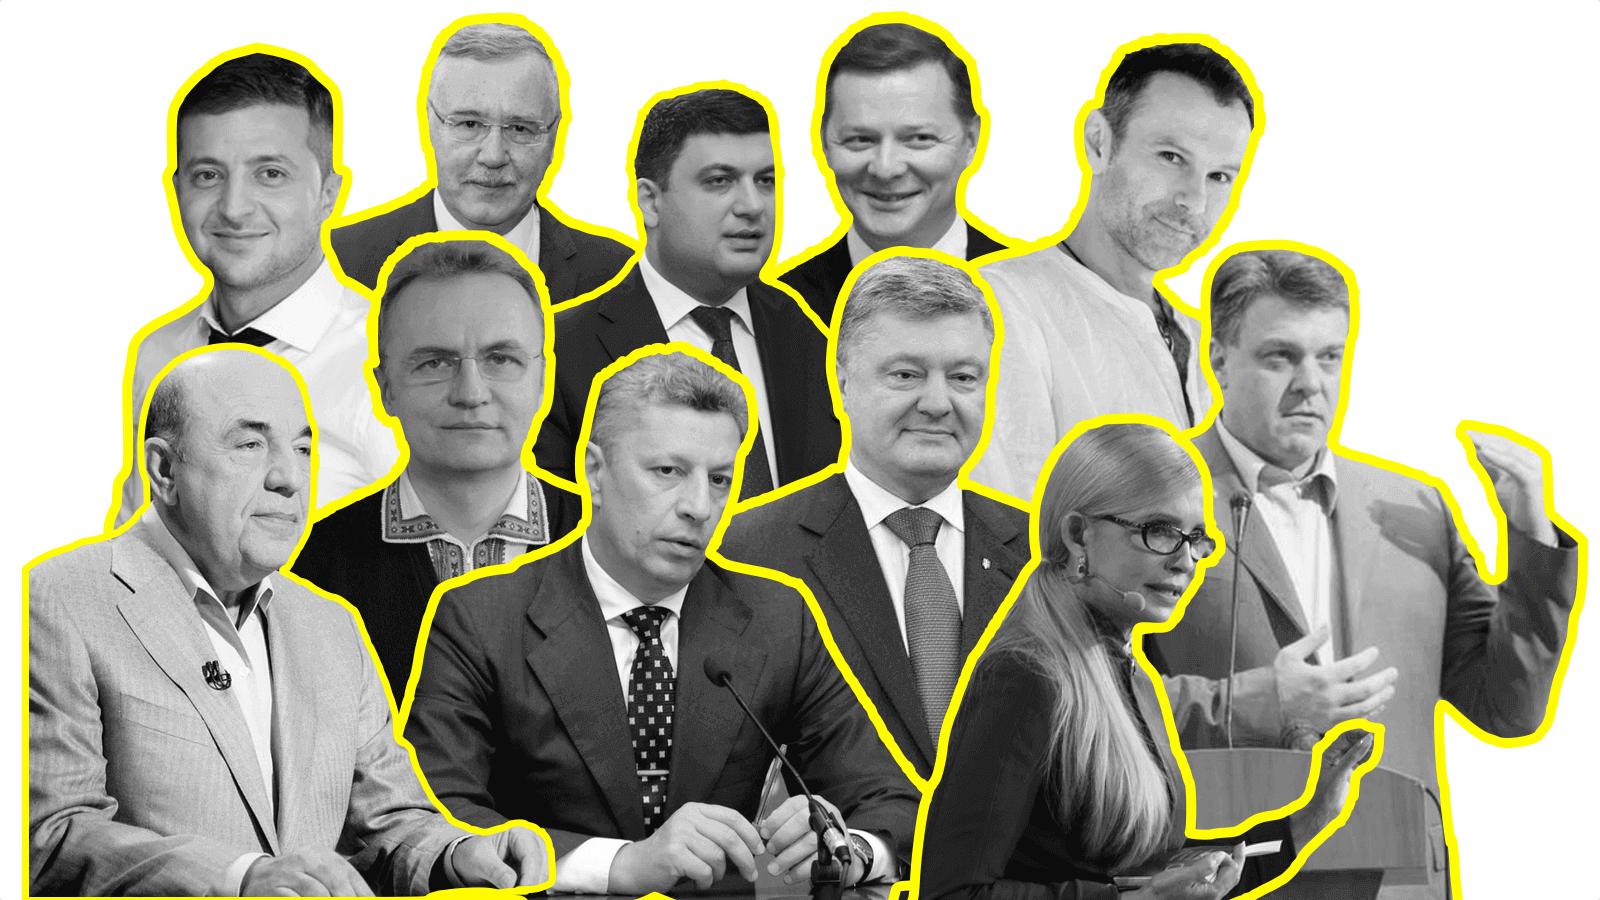 Как кандидаты в президенты и лидеры партий врали и манипулировали в предвыборный год